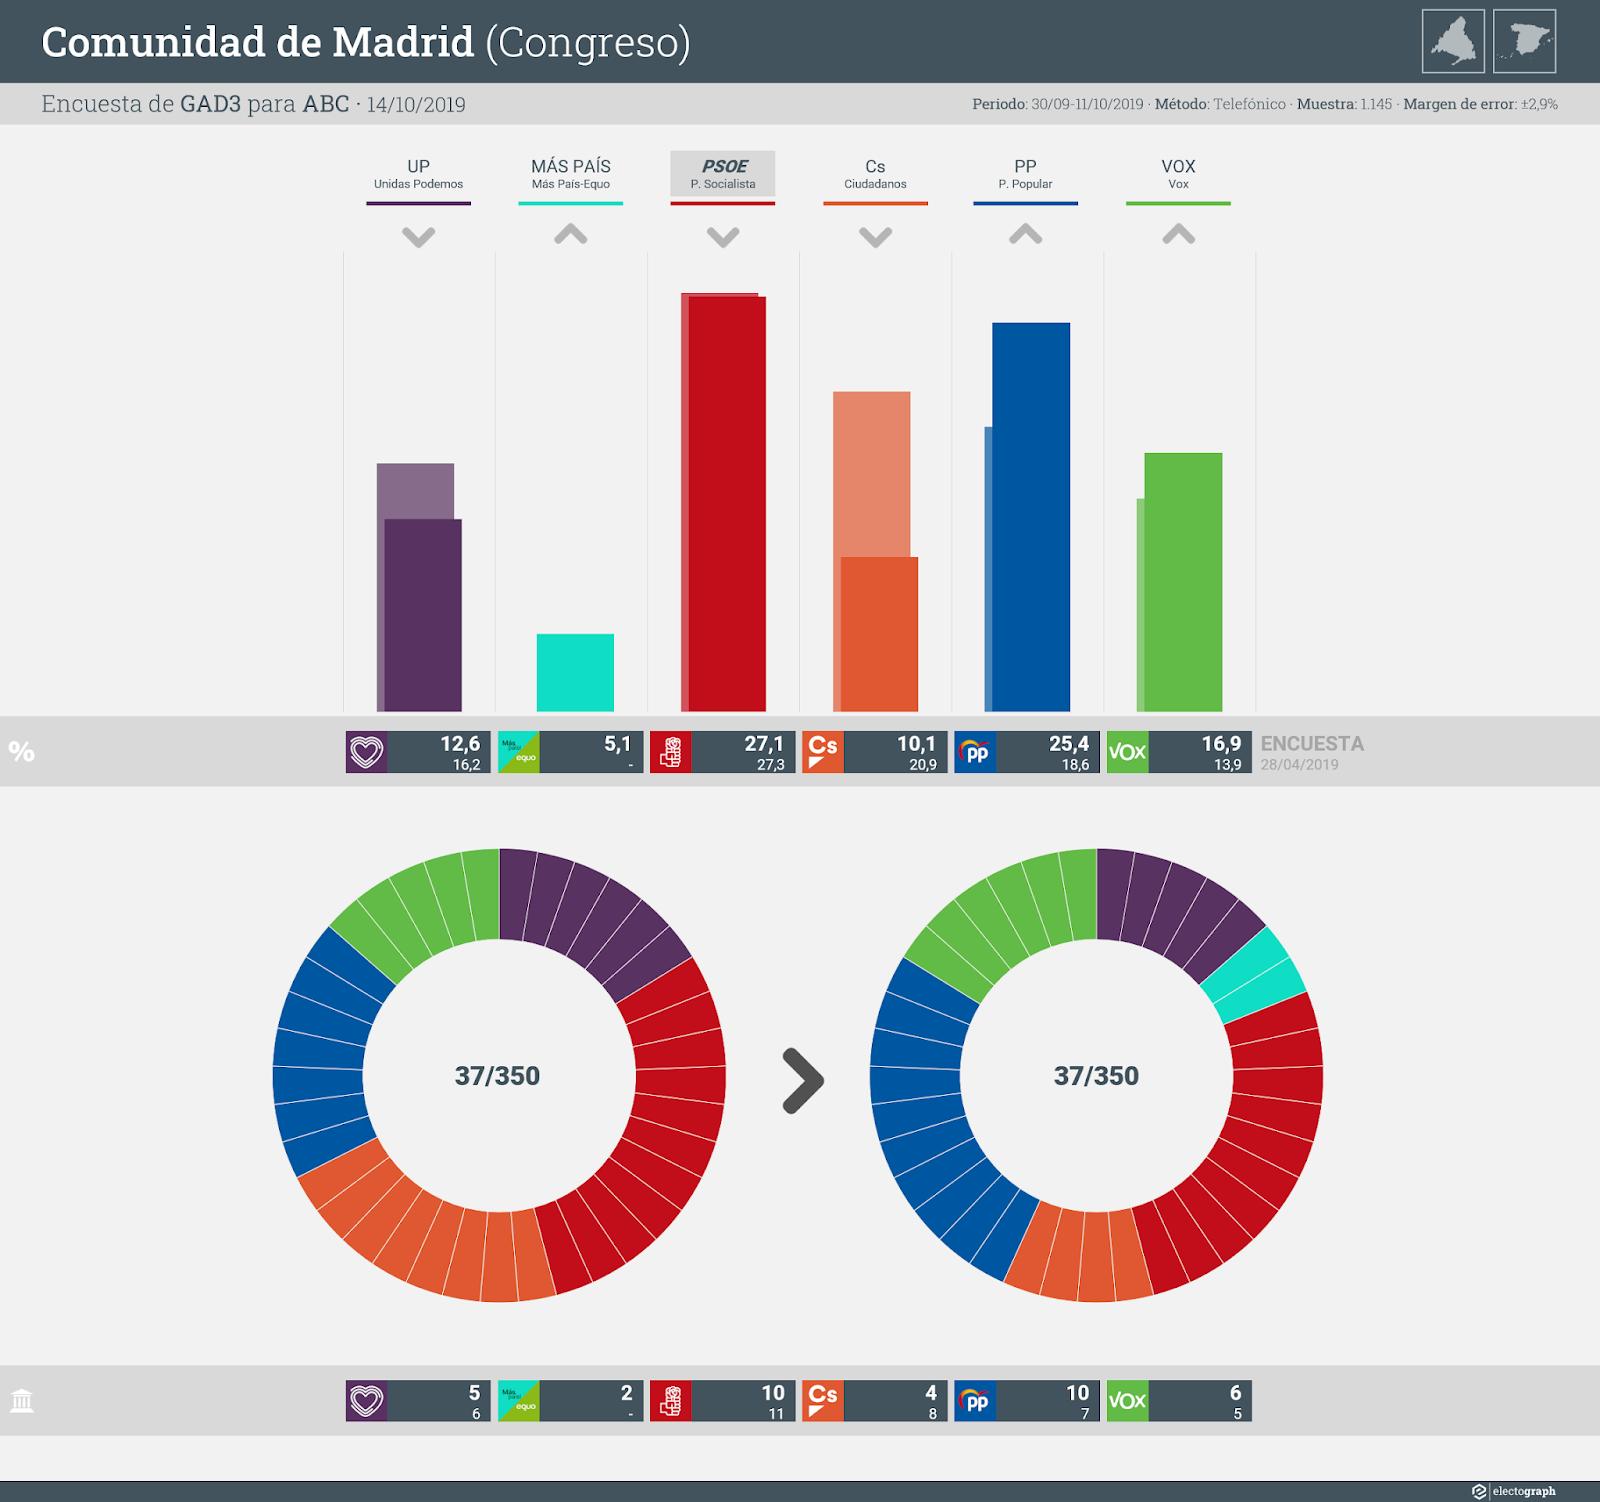 Gráfico de la encuesta para elecciones generales en la Comunidad de Madrid realizada por GAD3 para ABC, 14 de octubre de 2019